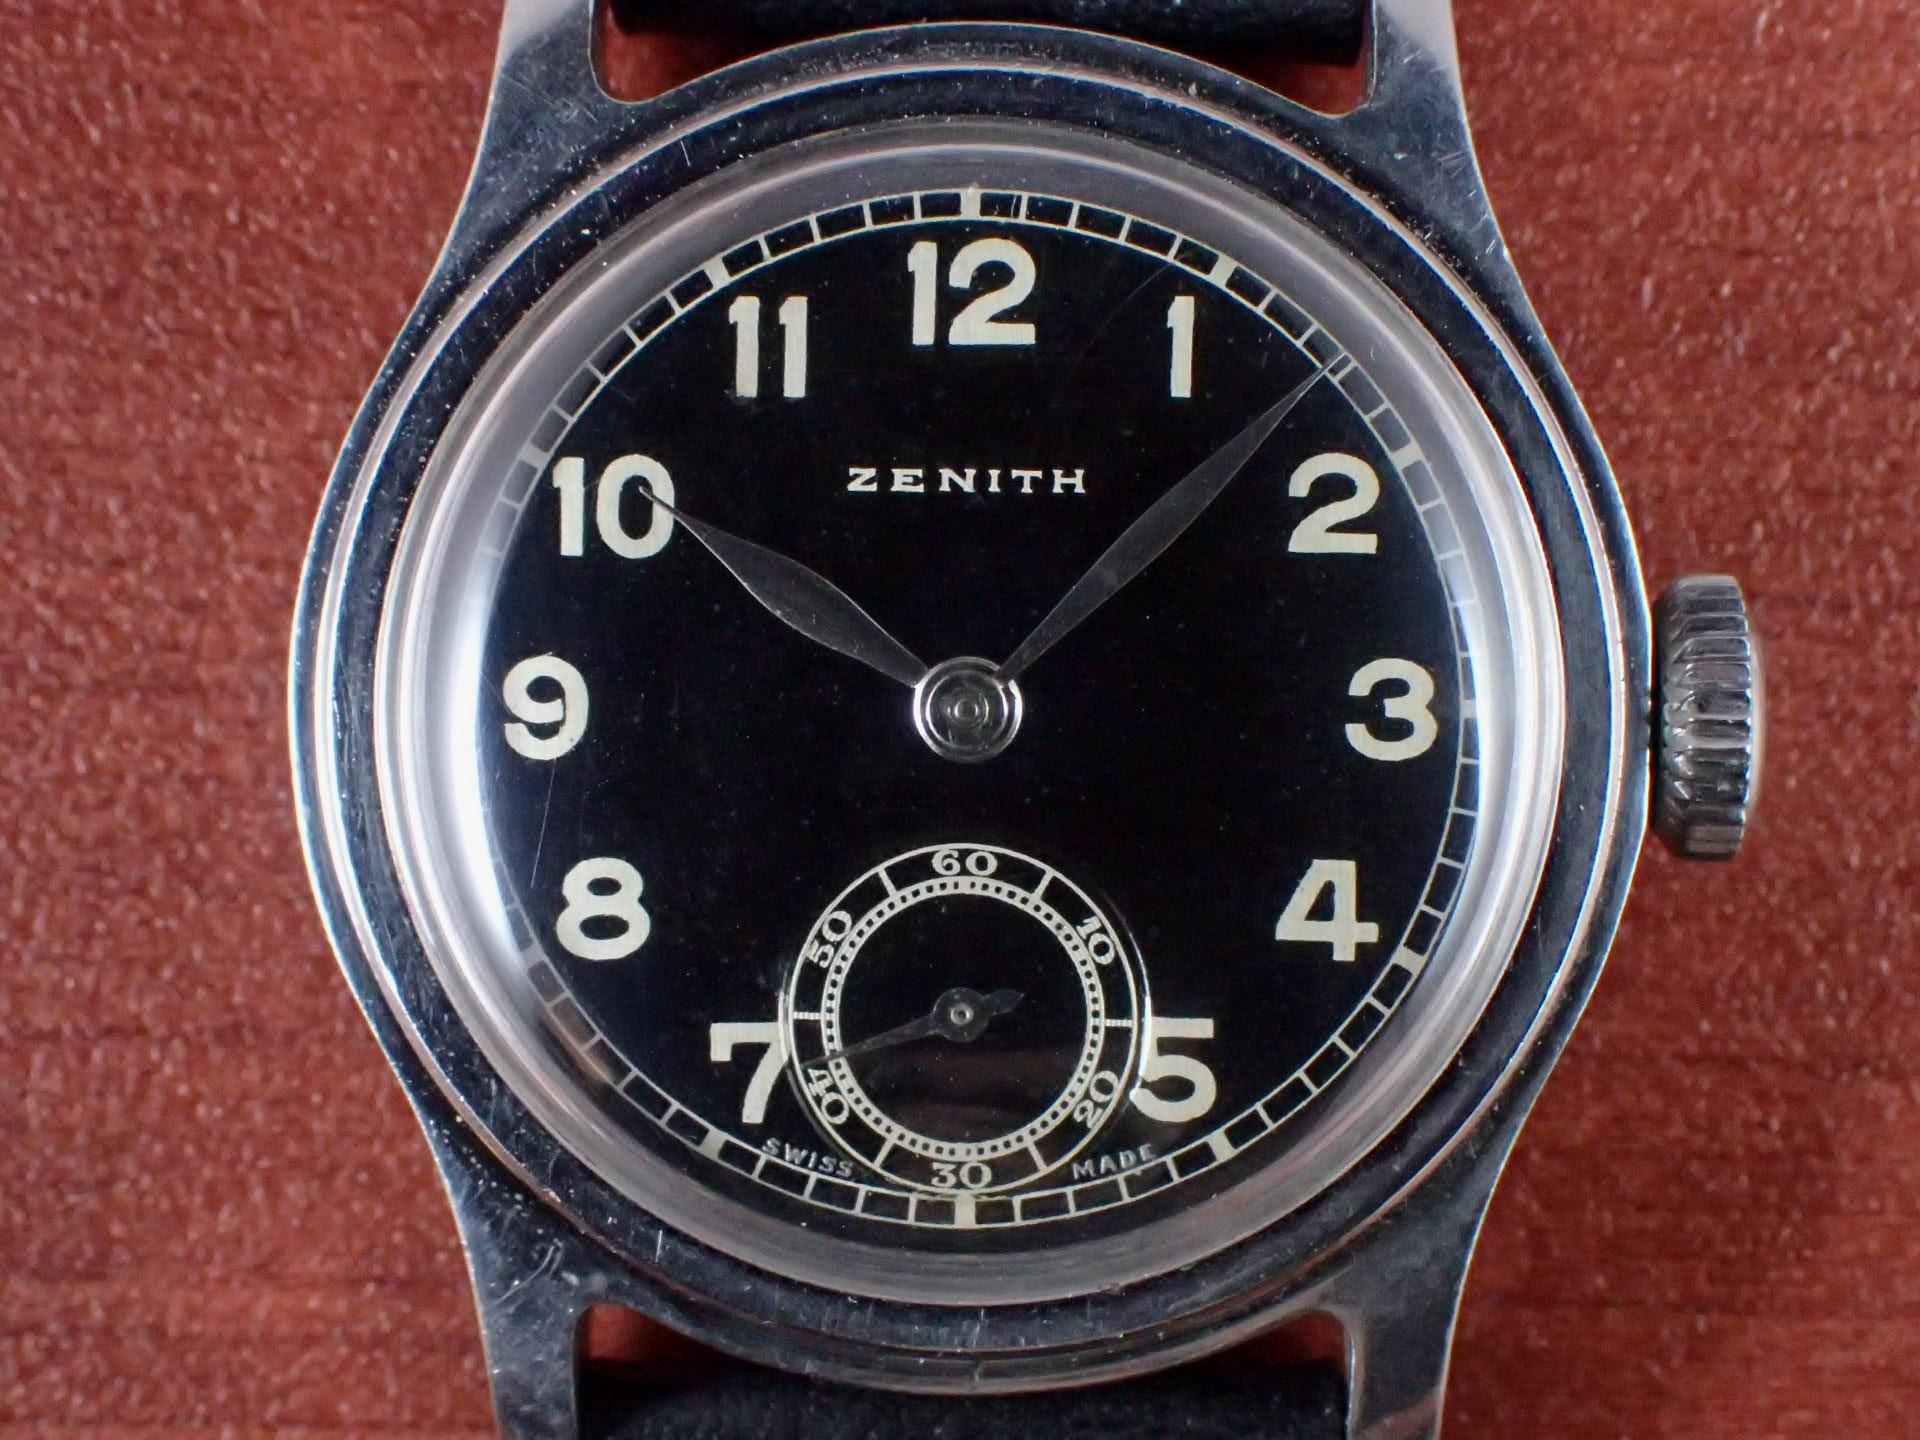 ゼニス ボーイズ ステップドベゼル FBケース ブラックミラーDL 1940年代の写真2枚目